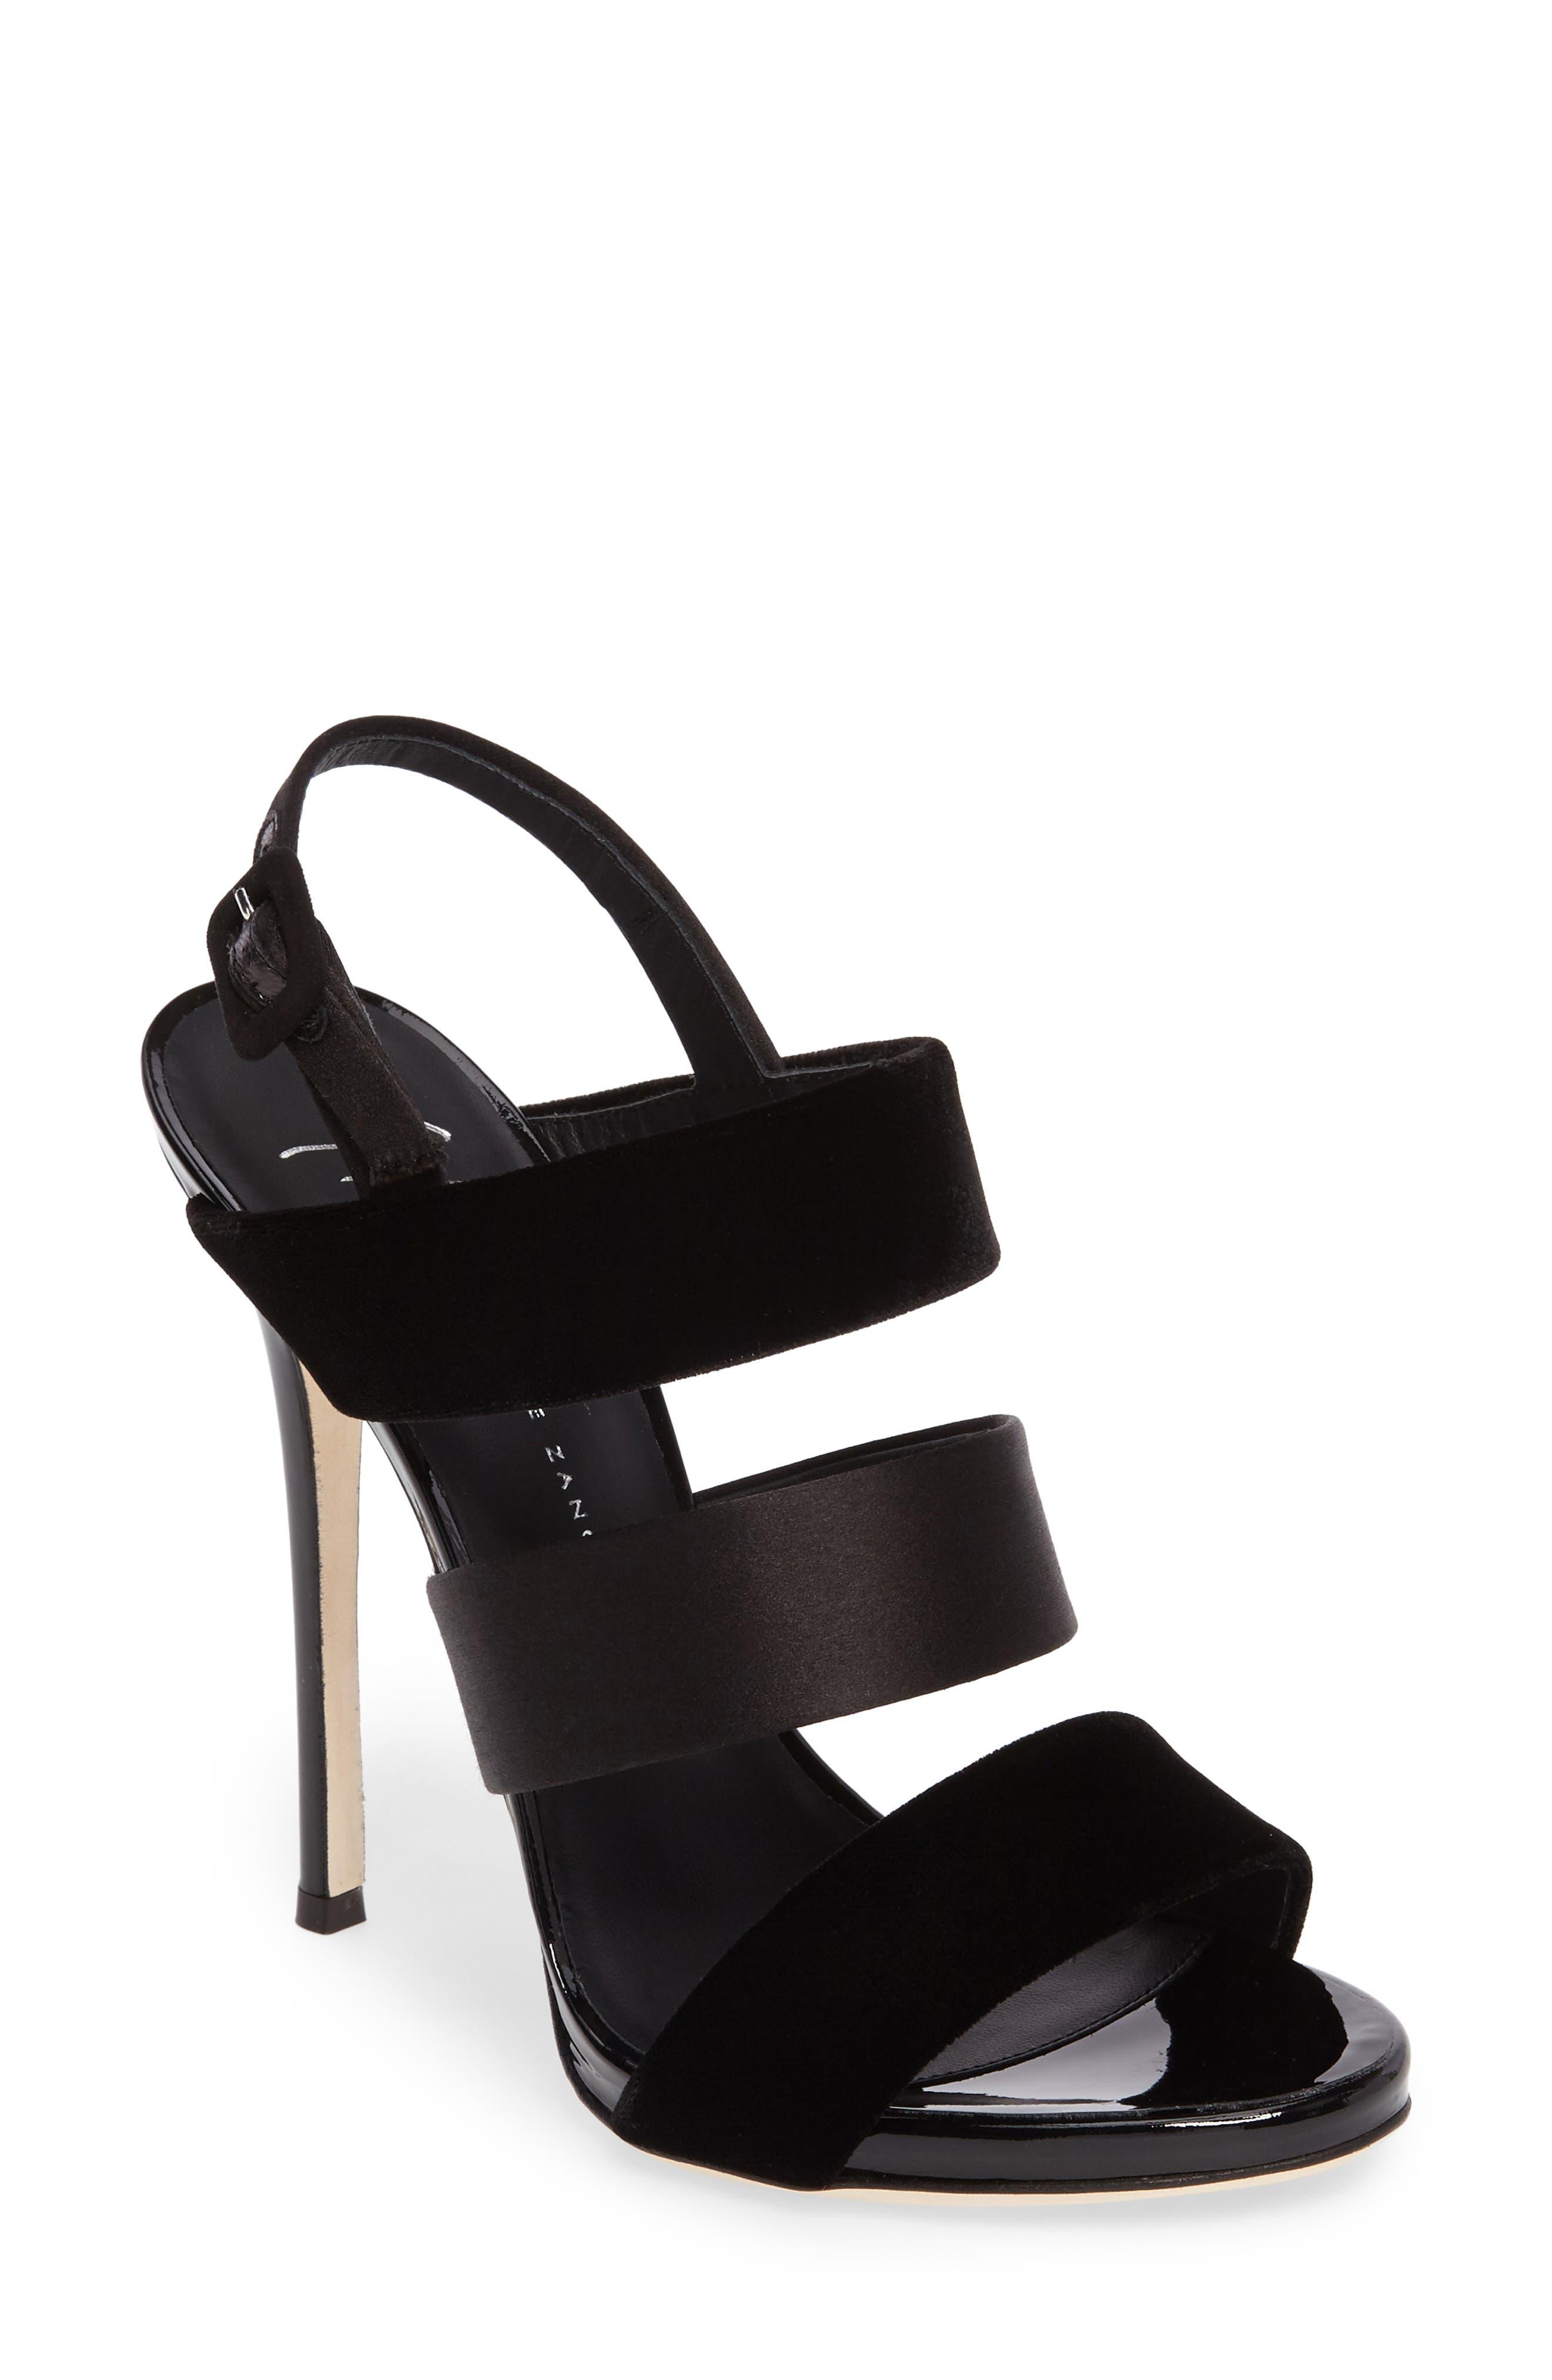 GIUSEPPE ZANOTTI Strappy Slingback Sandal